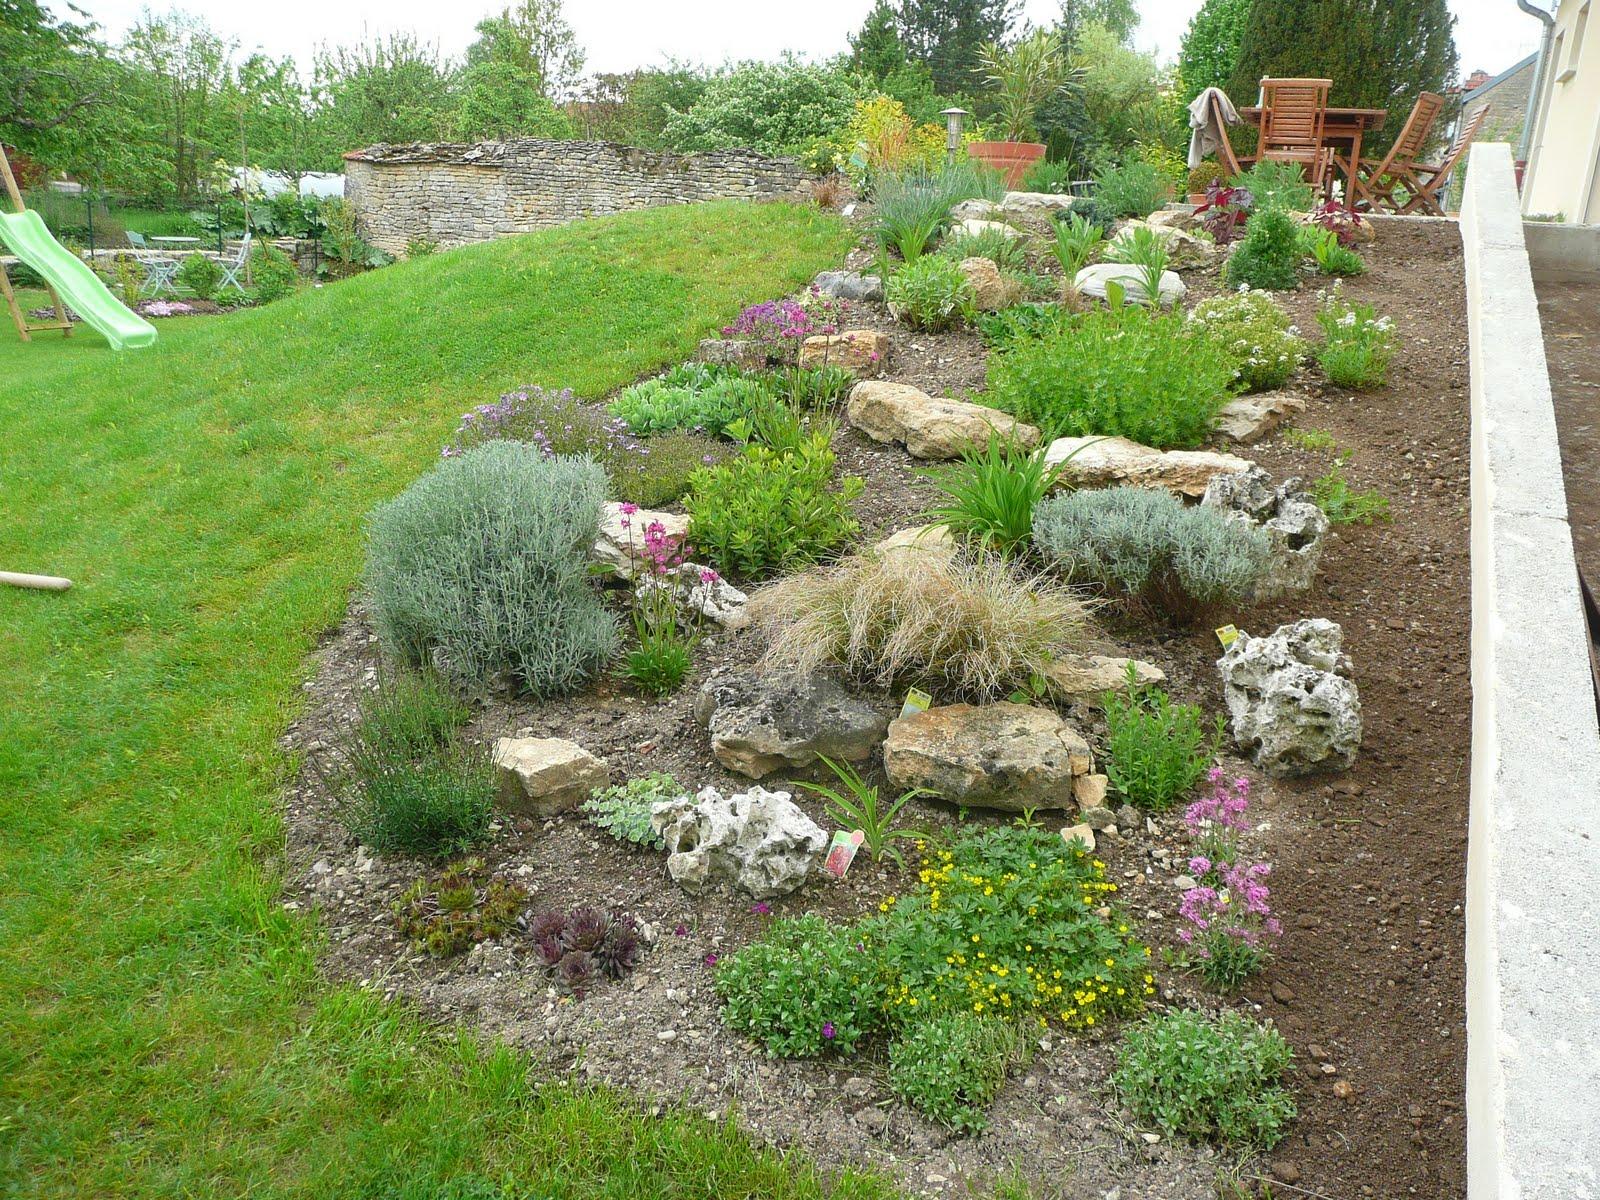 Notre jardin secret.: Aménagement autour de la Rocaille...